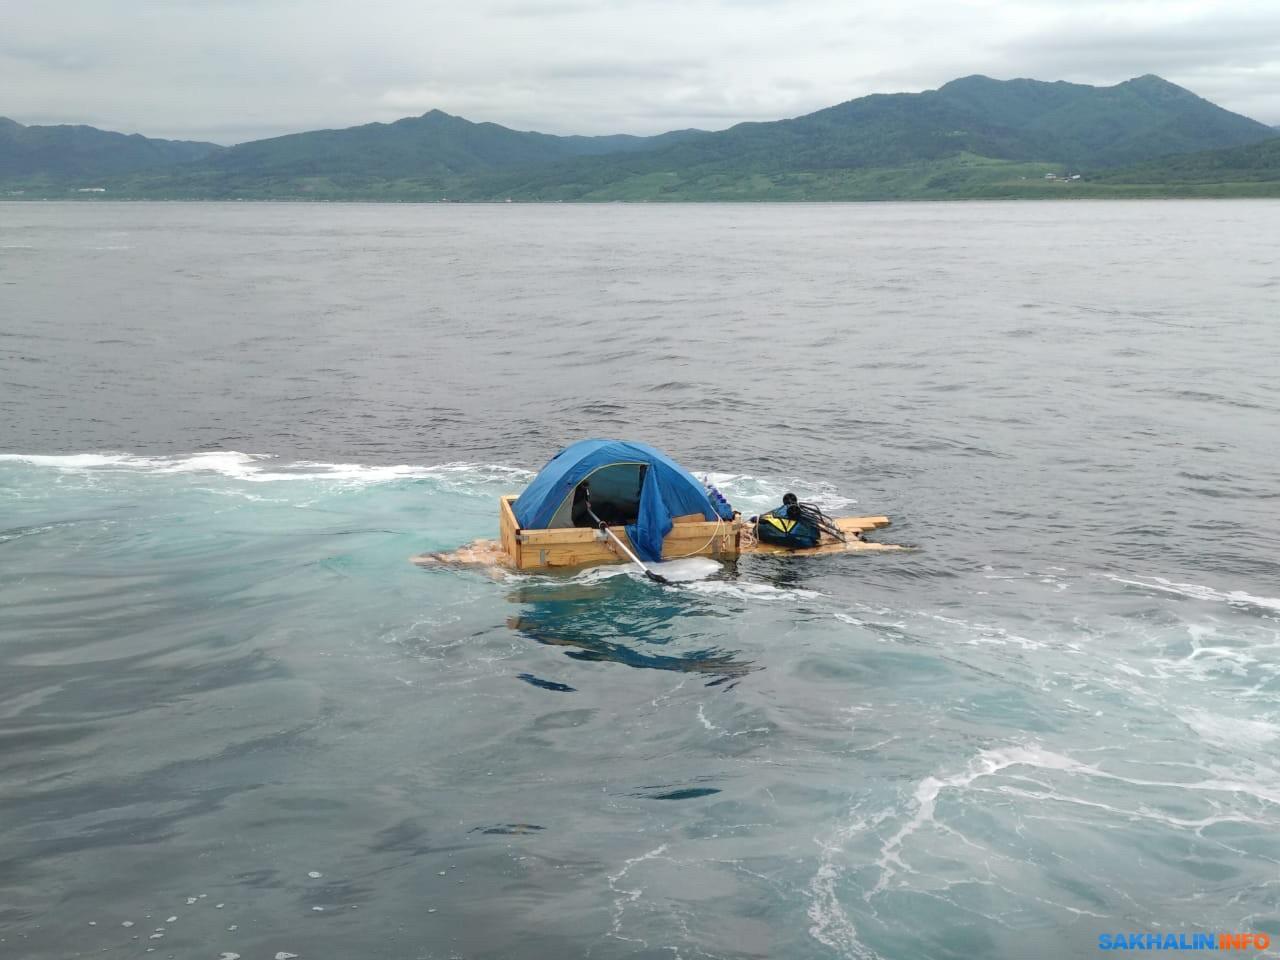 Сахалинца задержали при попытке уплыть в Японию на самодельной лодке